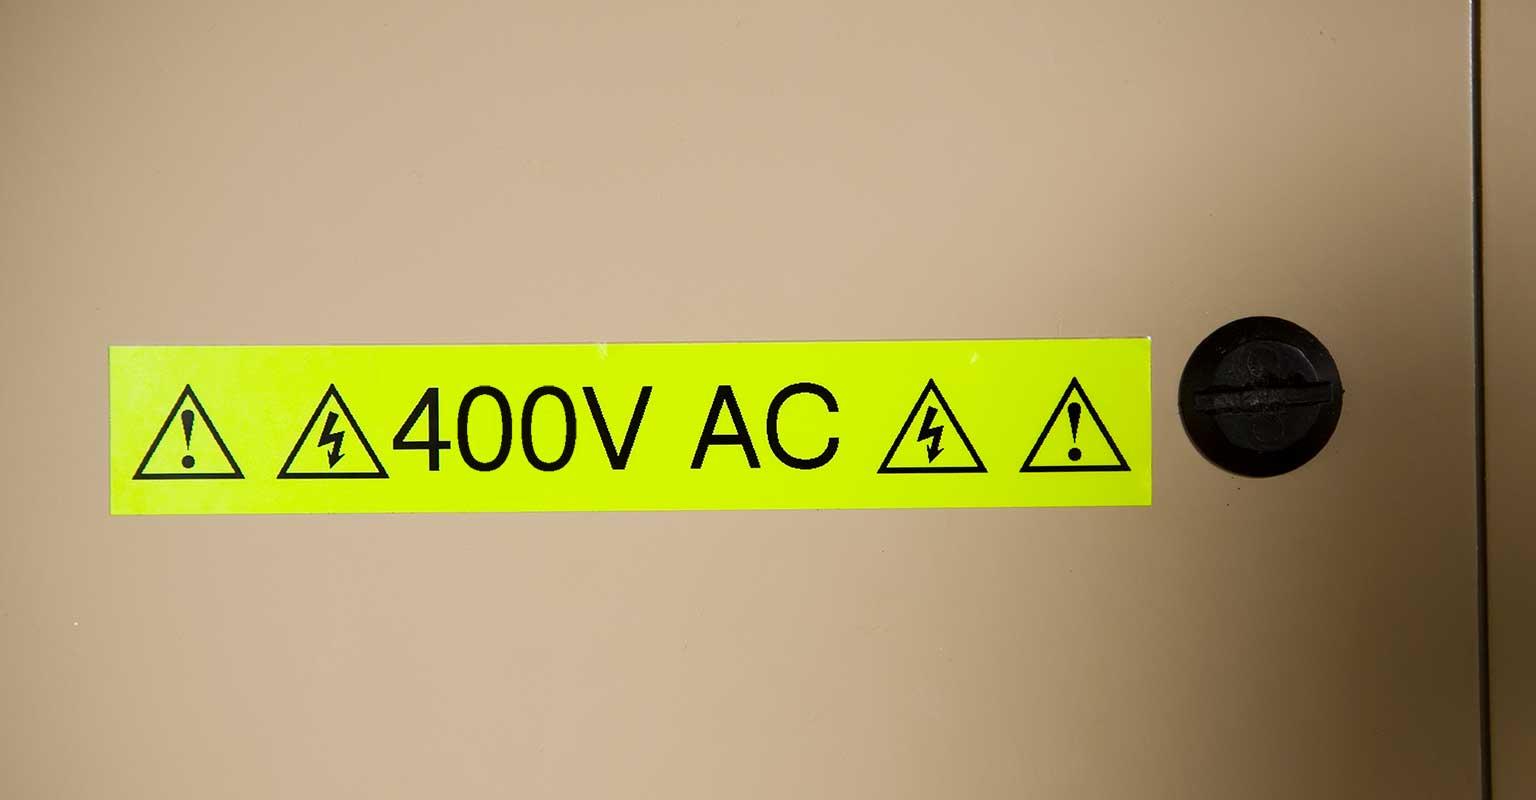 Brother fluorescerende tape varselskilt viser 400V AC